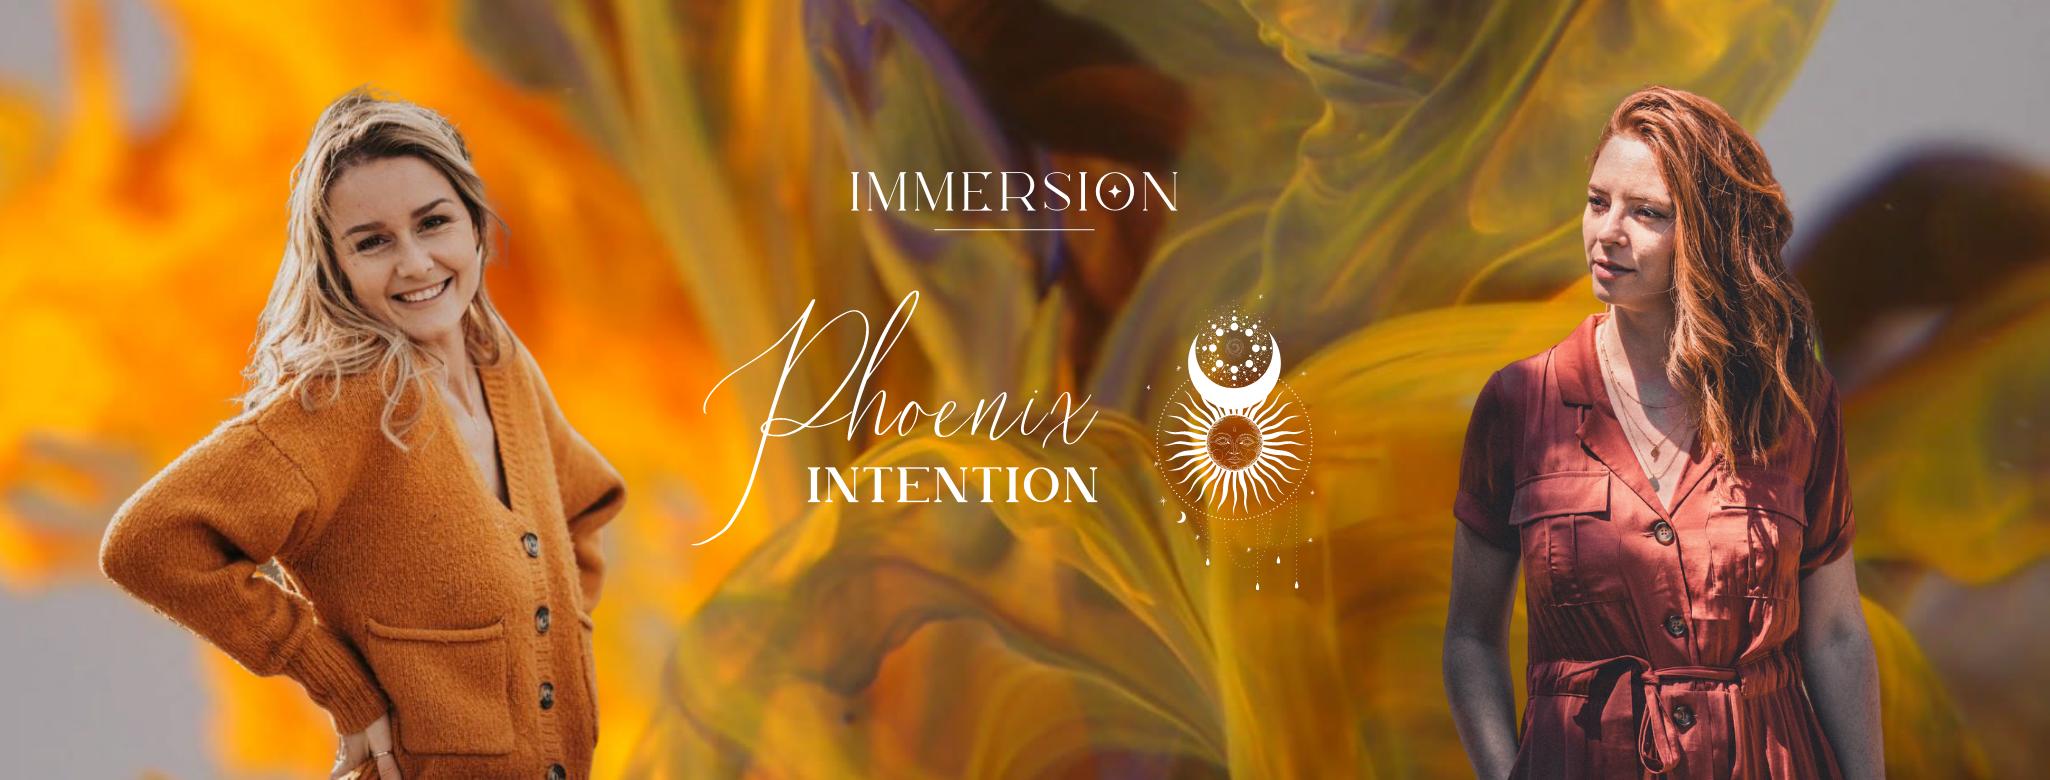 Banniere Phoenix Intention